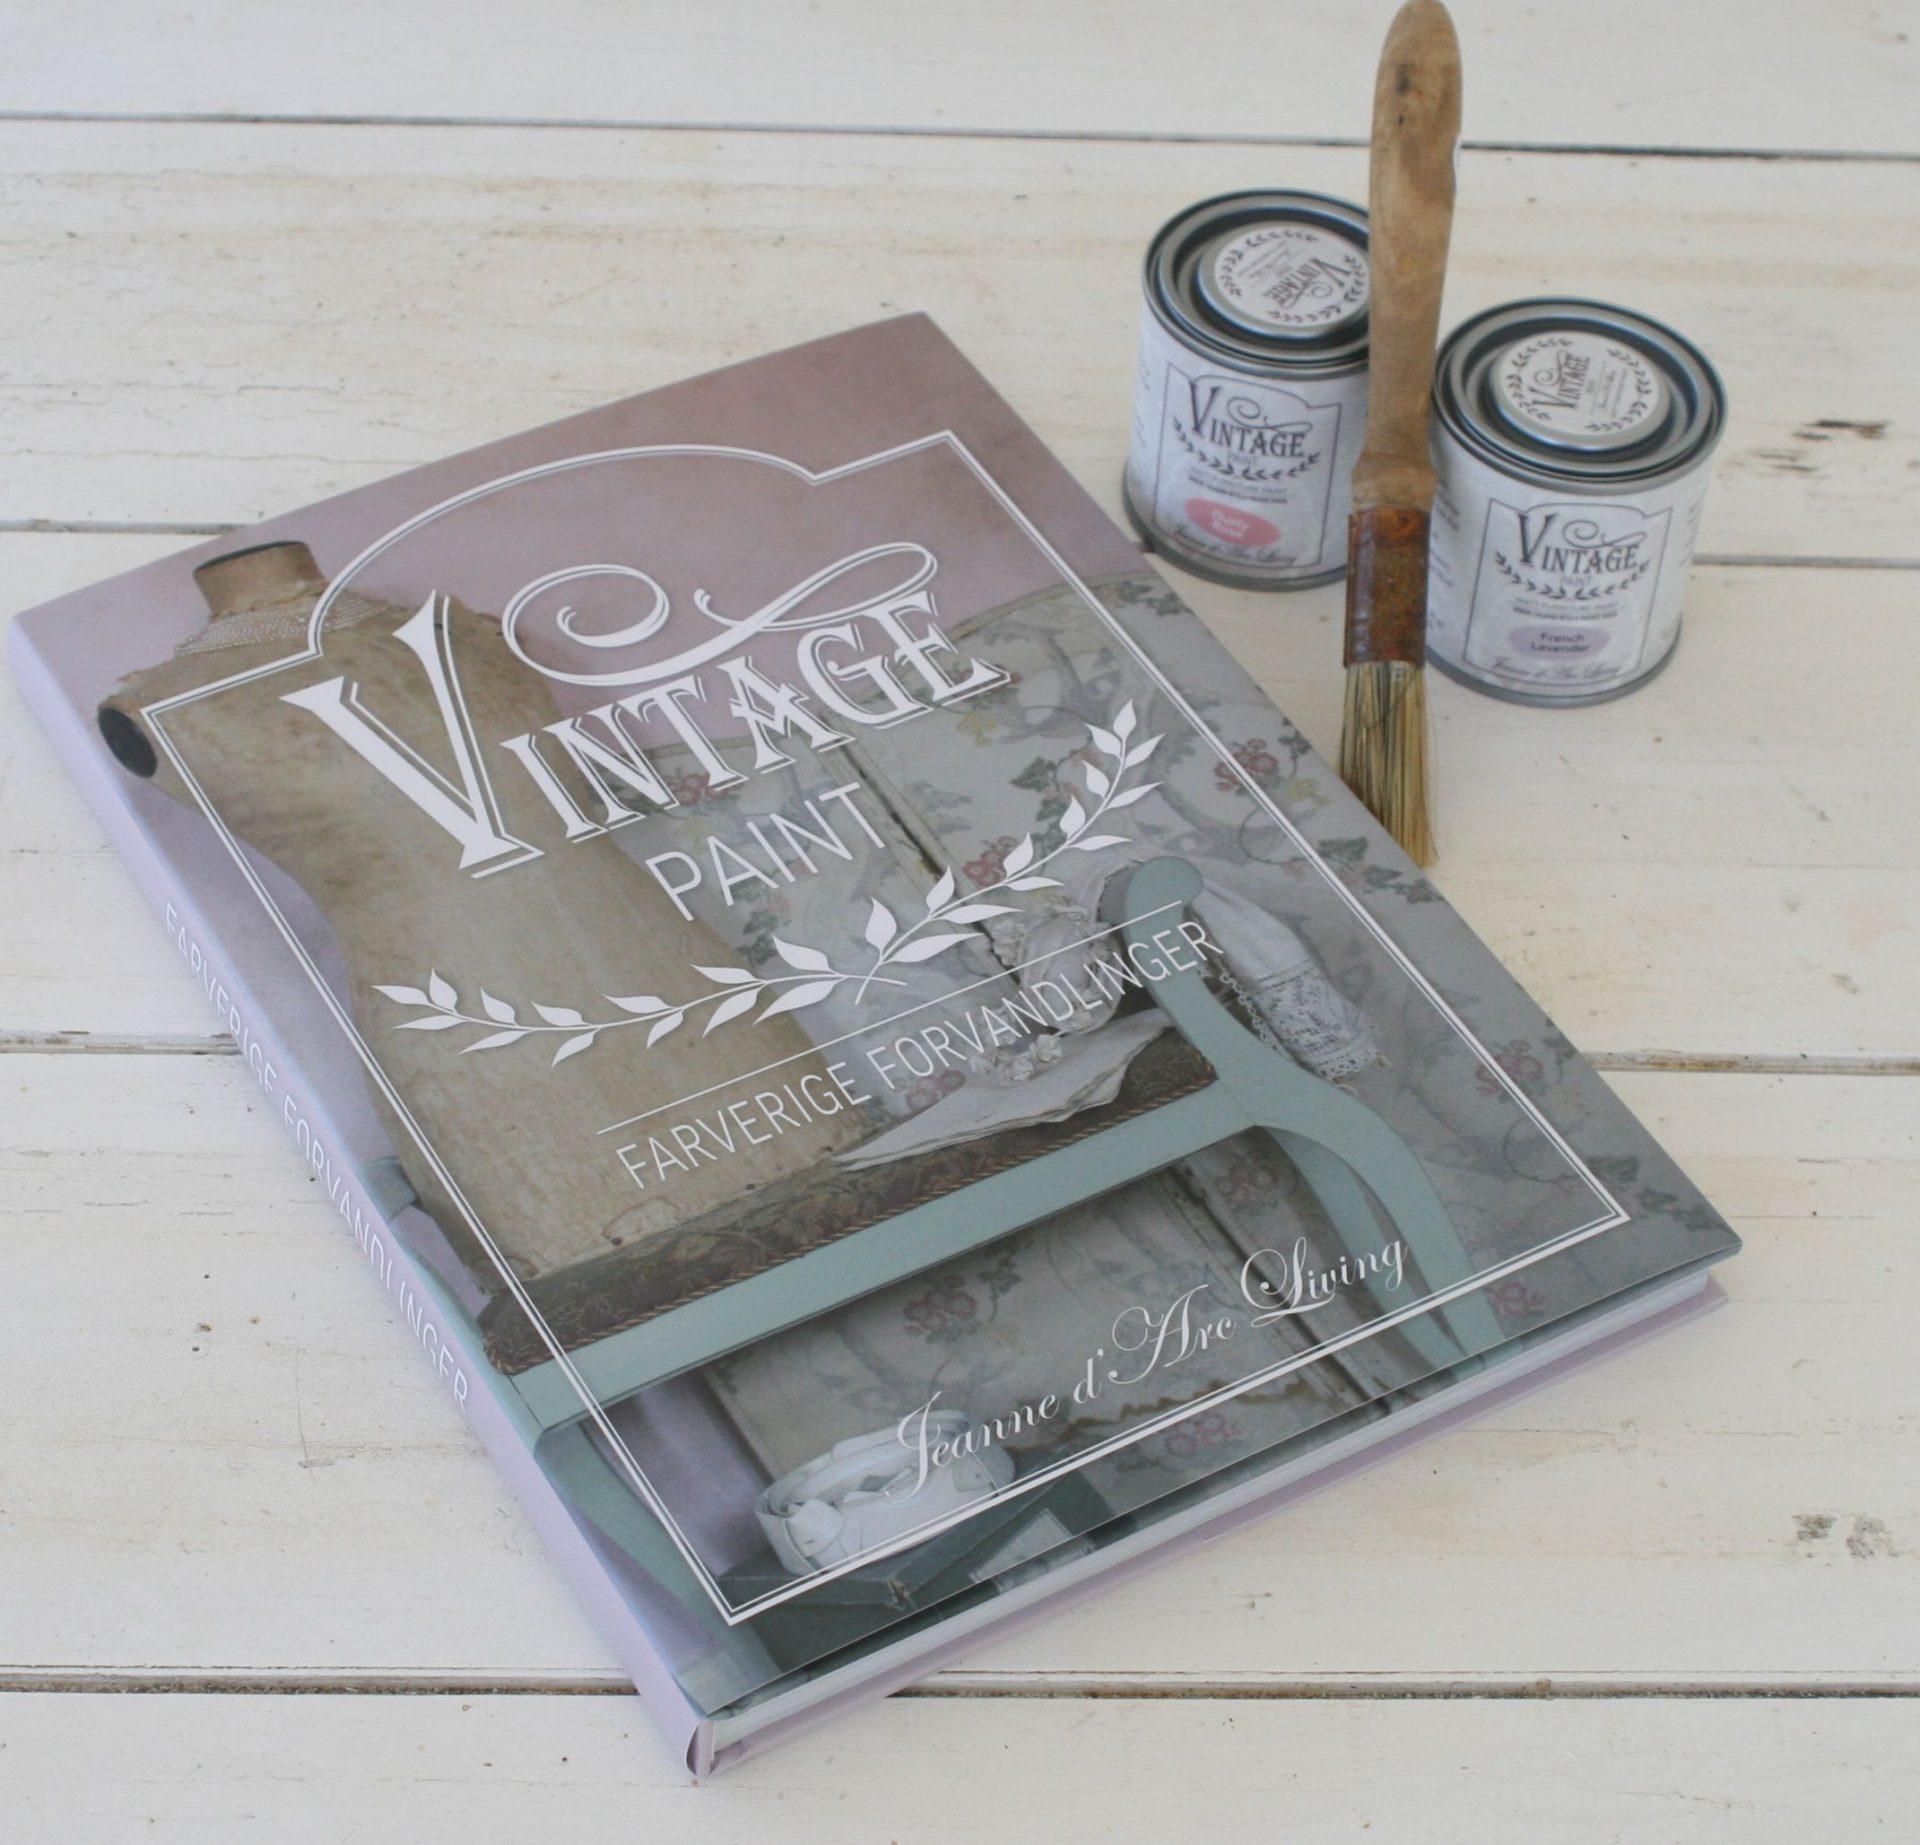 Bog, Vintage Paint - Farverige forvandlinger